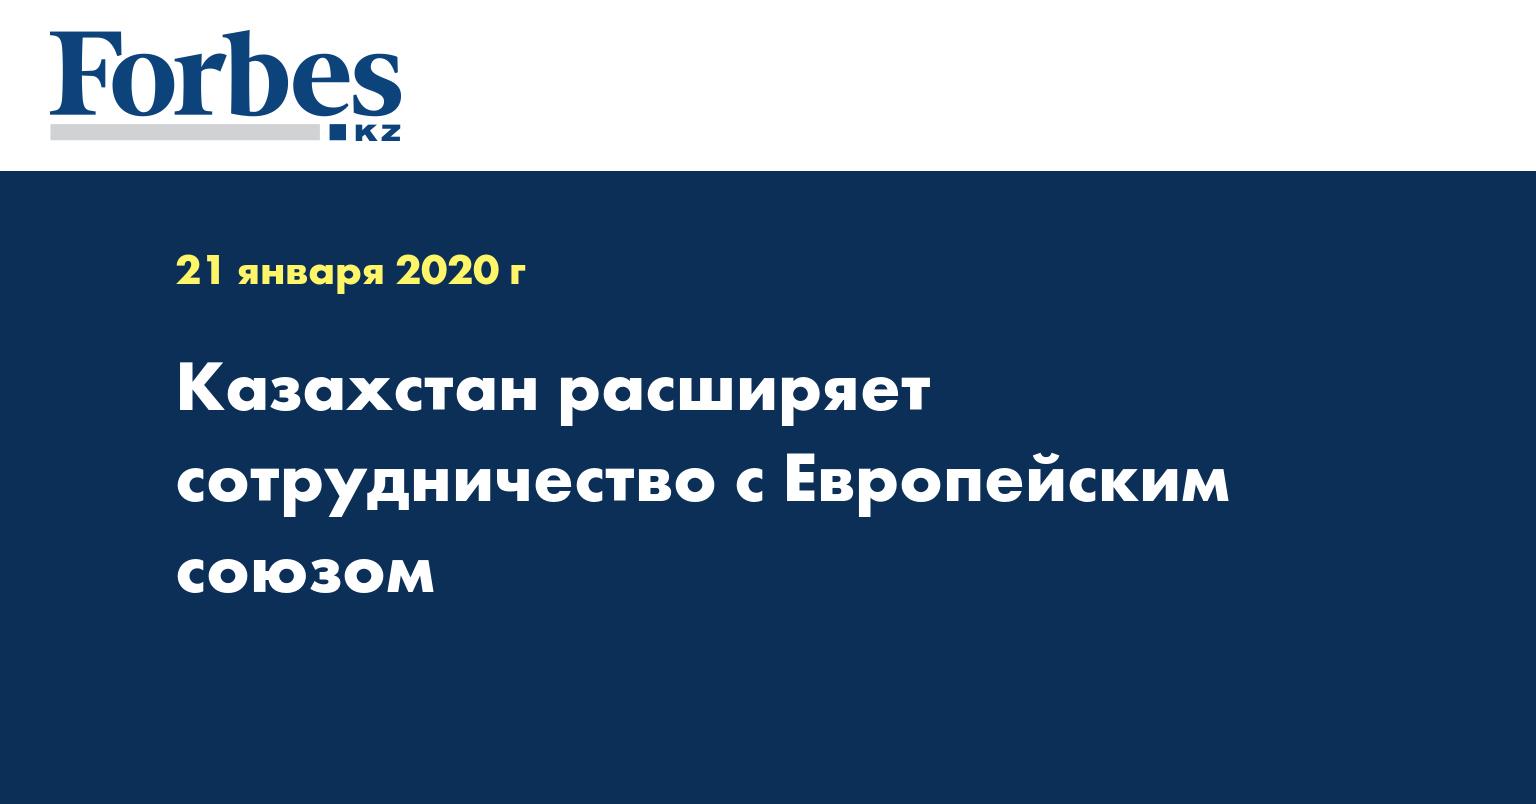 Казахстан расширяет сотрудничество с Европейским союзом